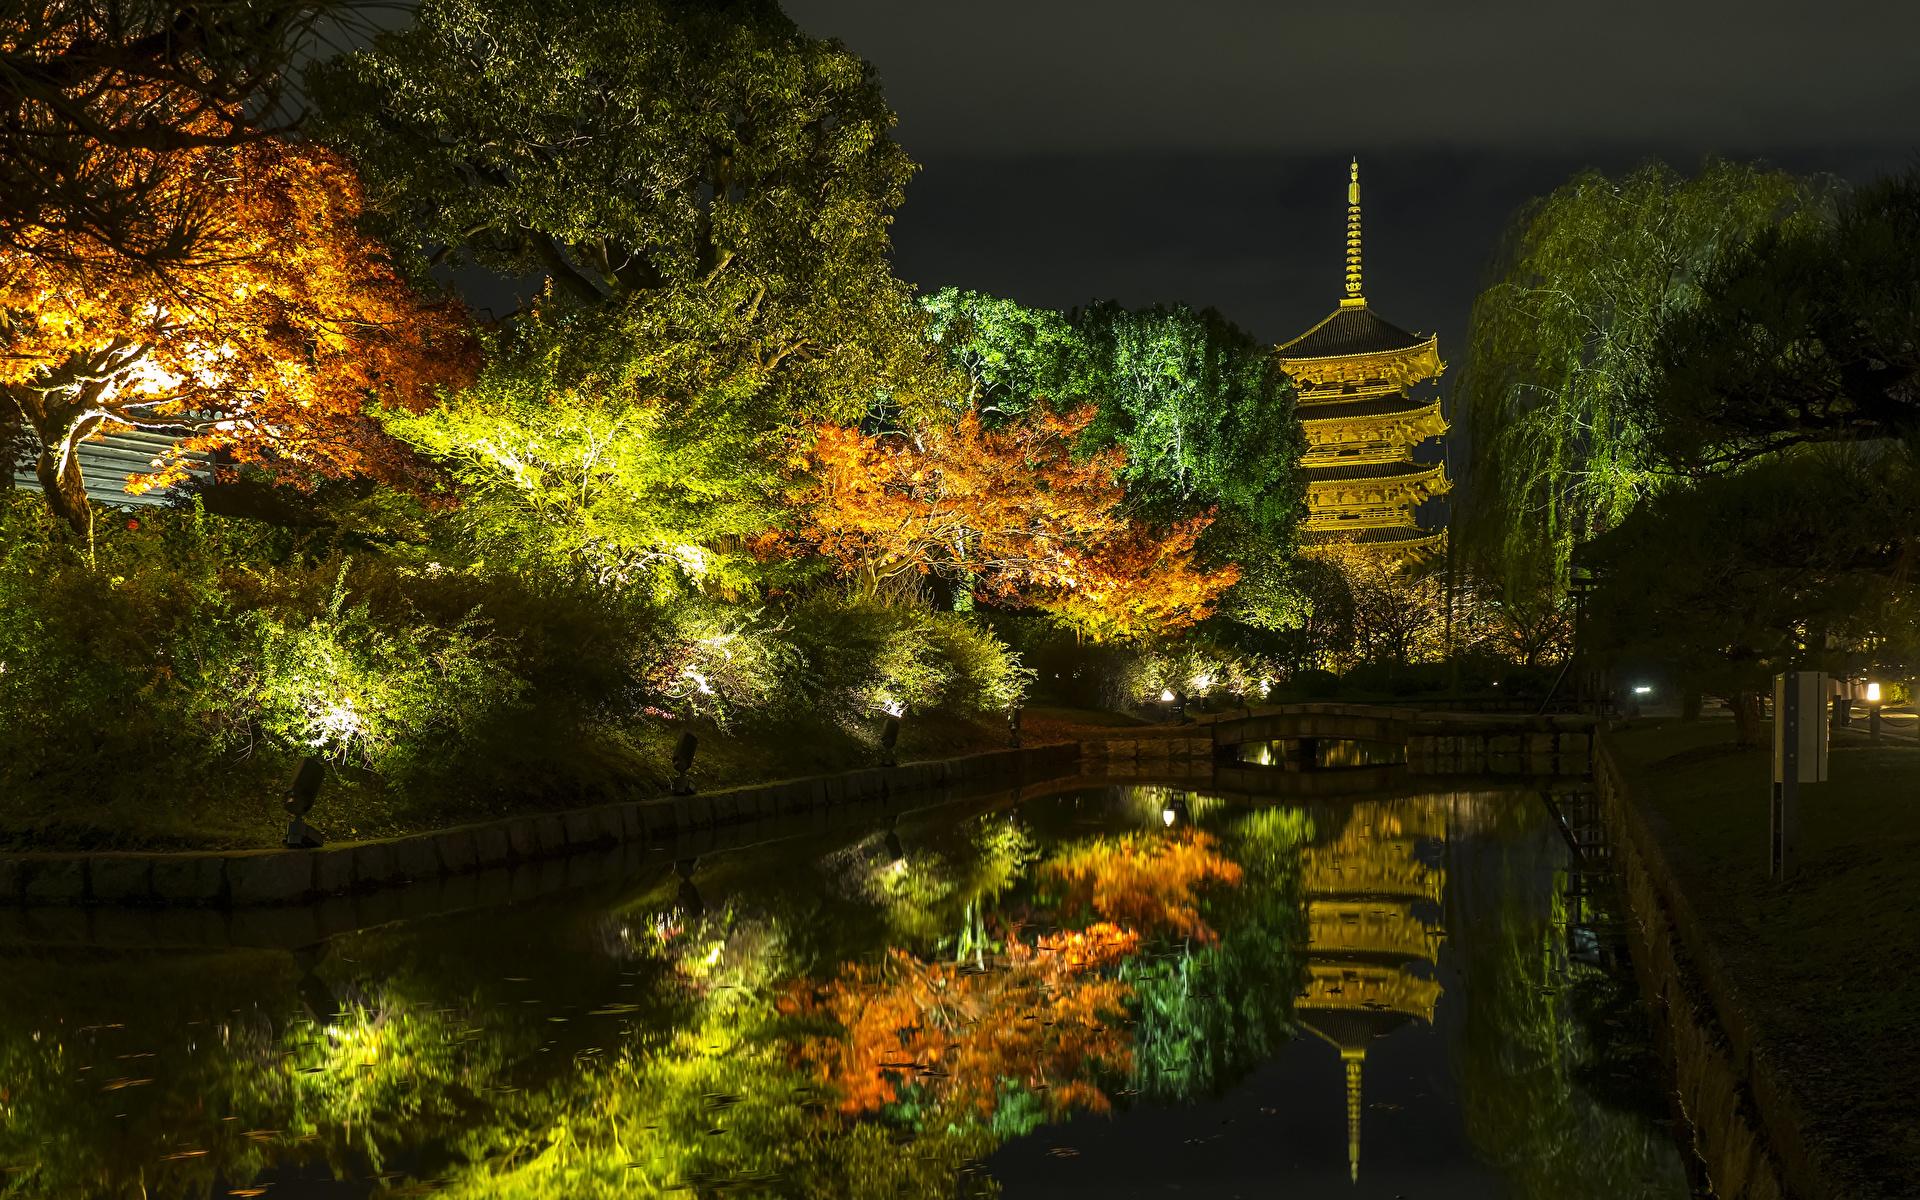 1920x1200、日本、京都市、秋、公園、池、木、夜、街灯、自然